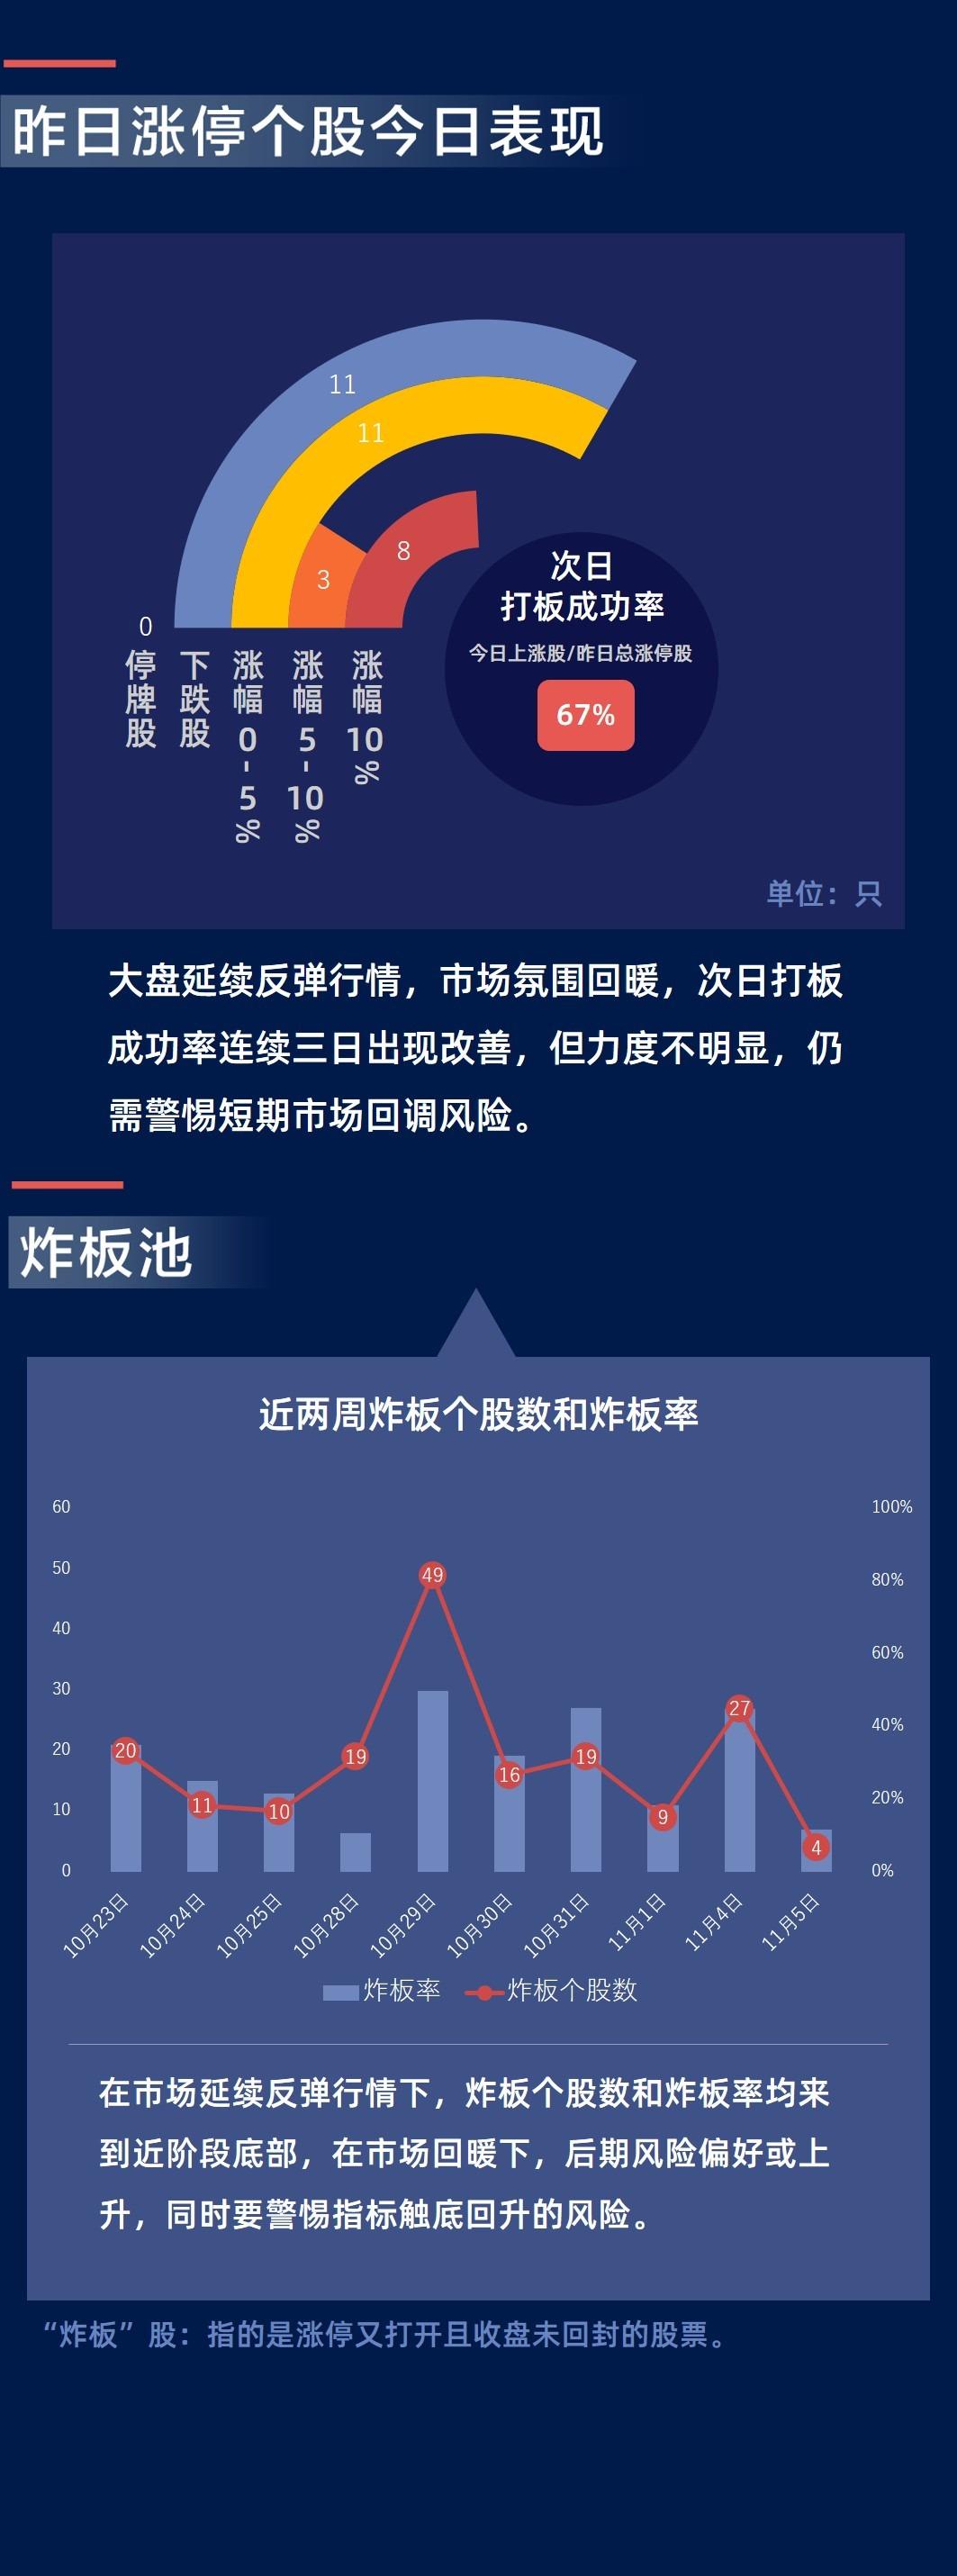 芒果彩票网登陆|这五大国际油气巨头二季度总净利下滑24%,谁挣得最少?